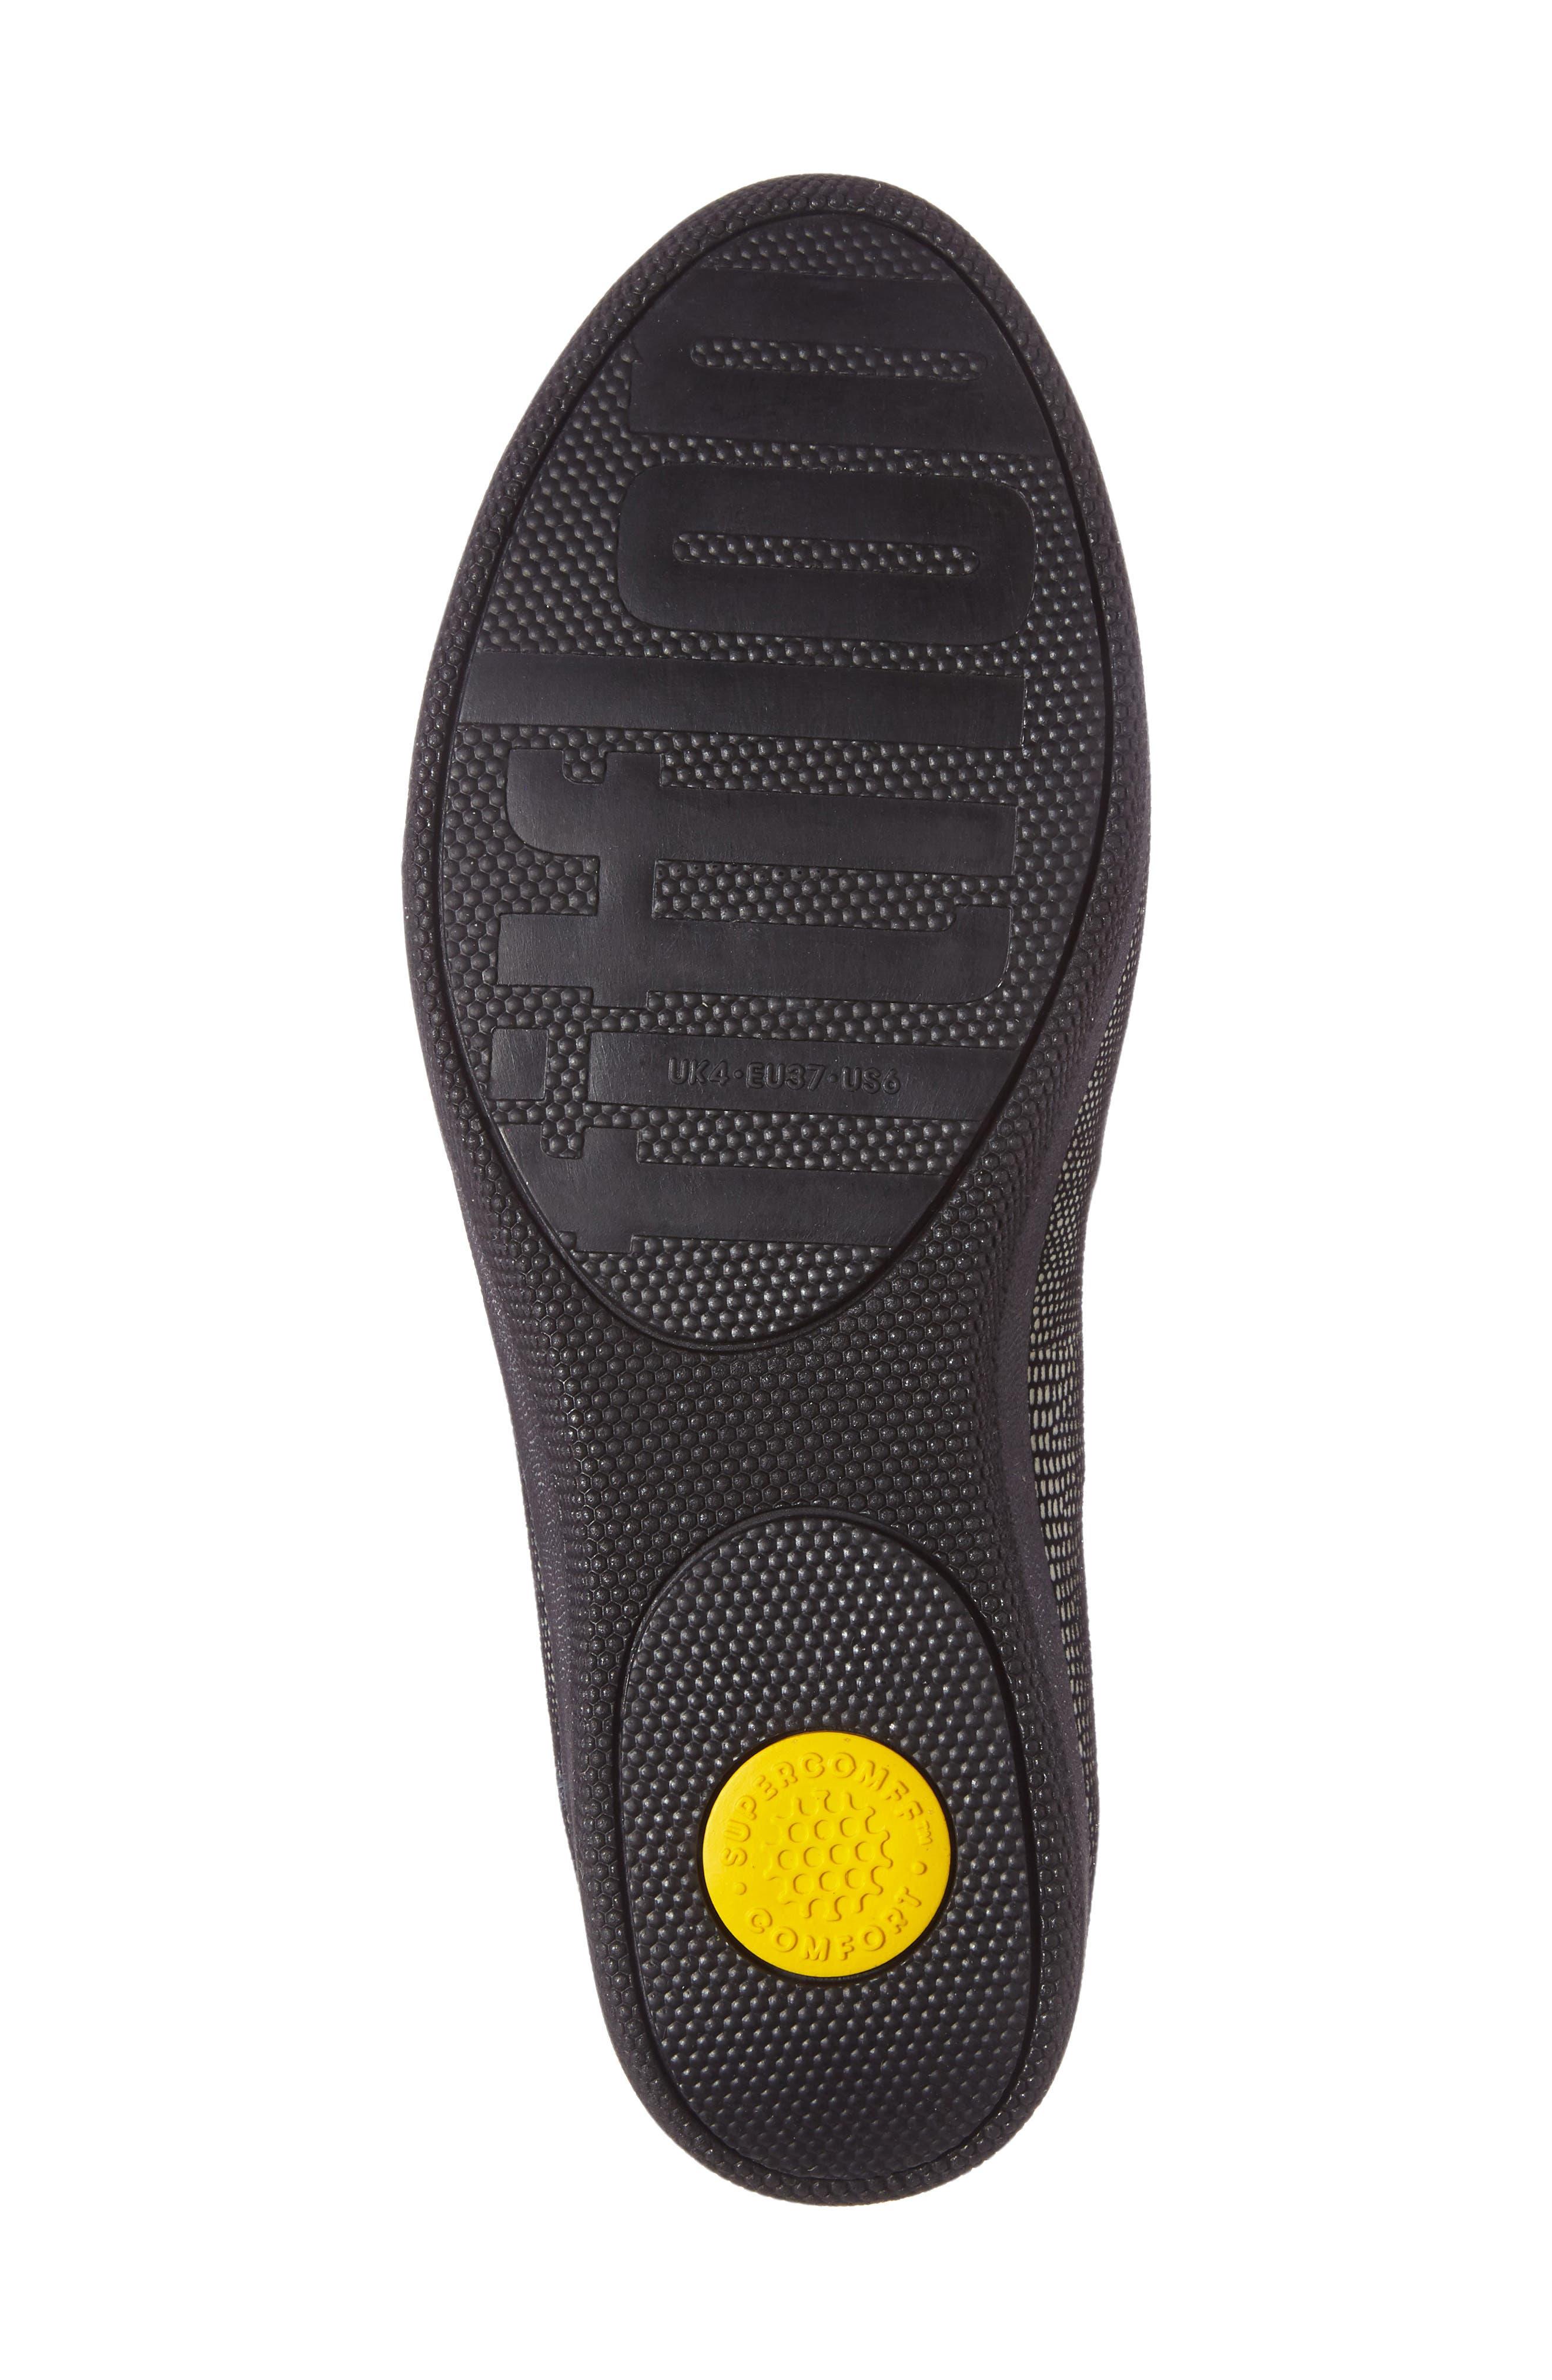 Superskate Slip-On Sneaker,                             Alternate thumbnail 64, color,